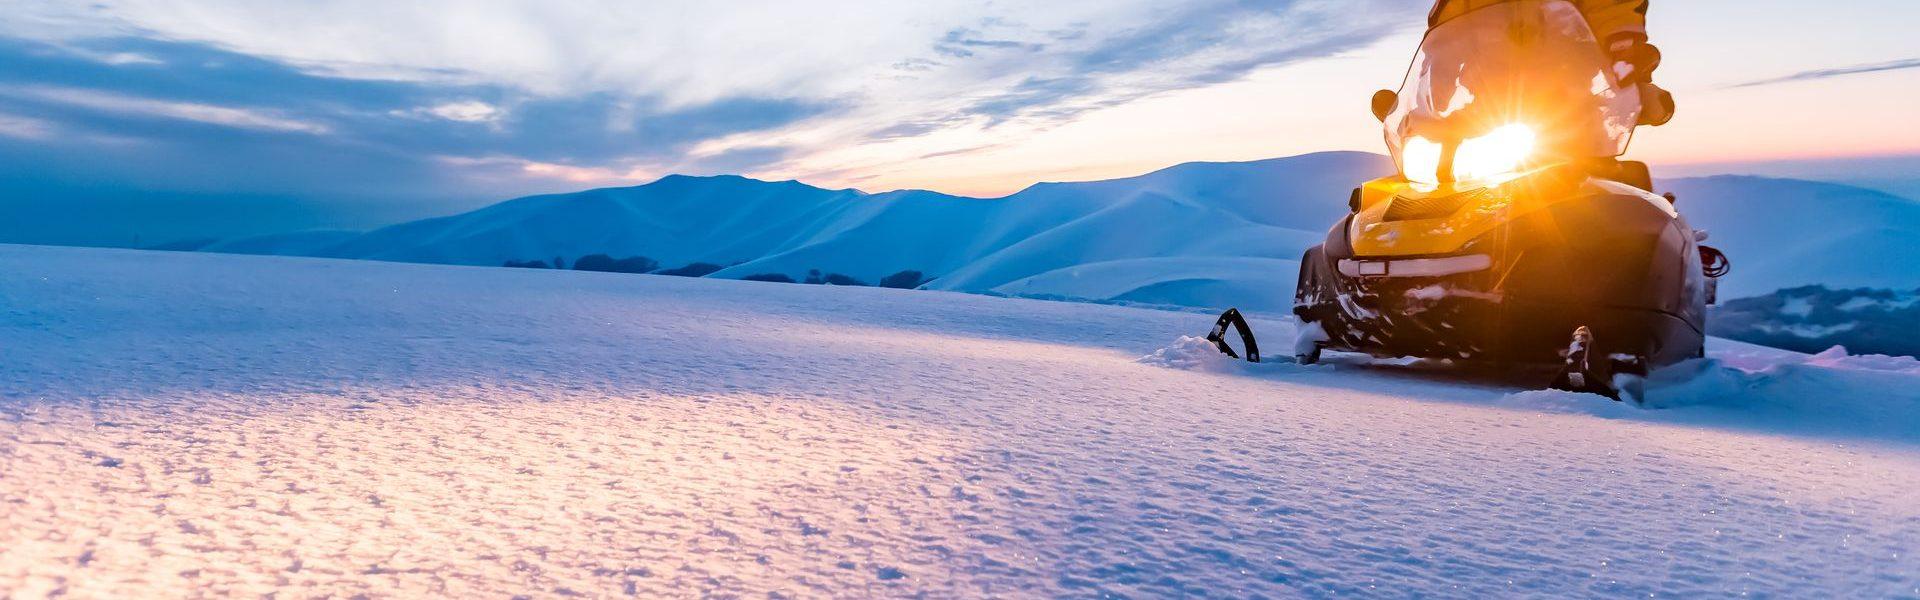 Снегоходные туры для новичков и любителей рыбалки